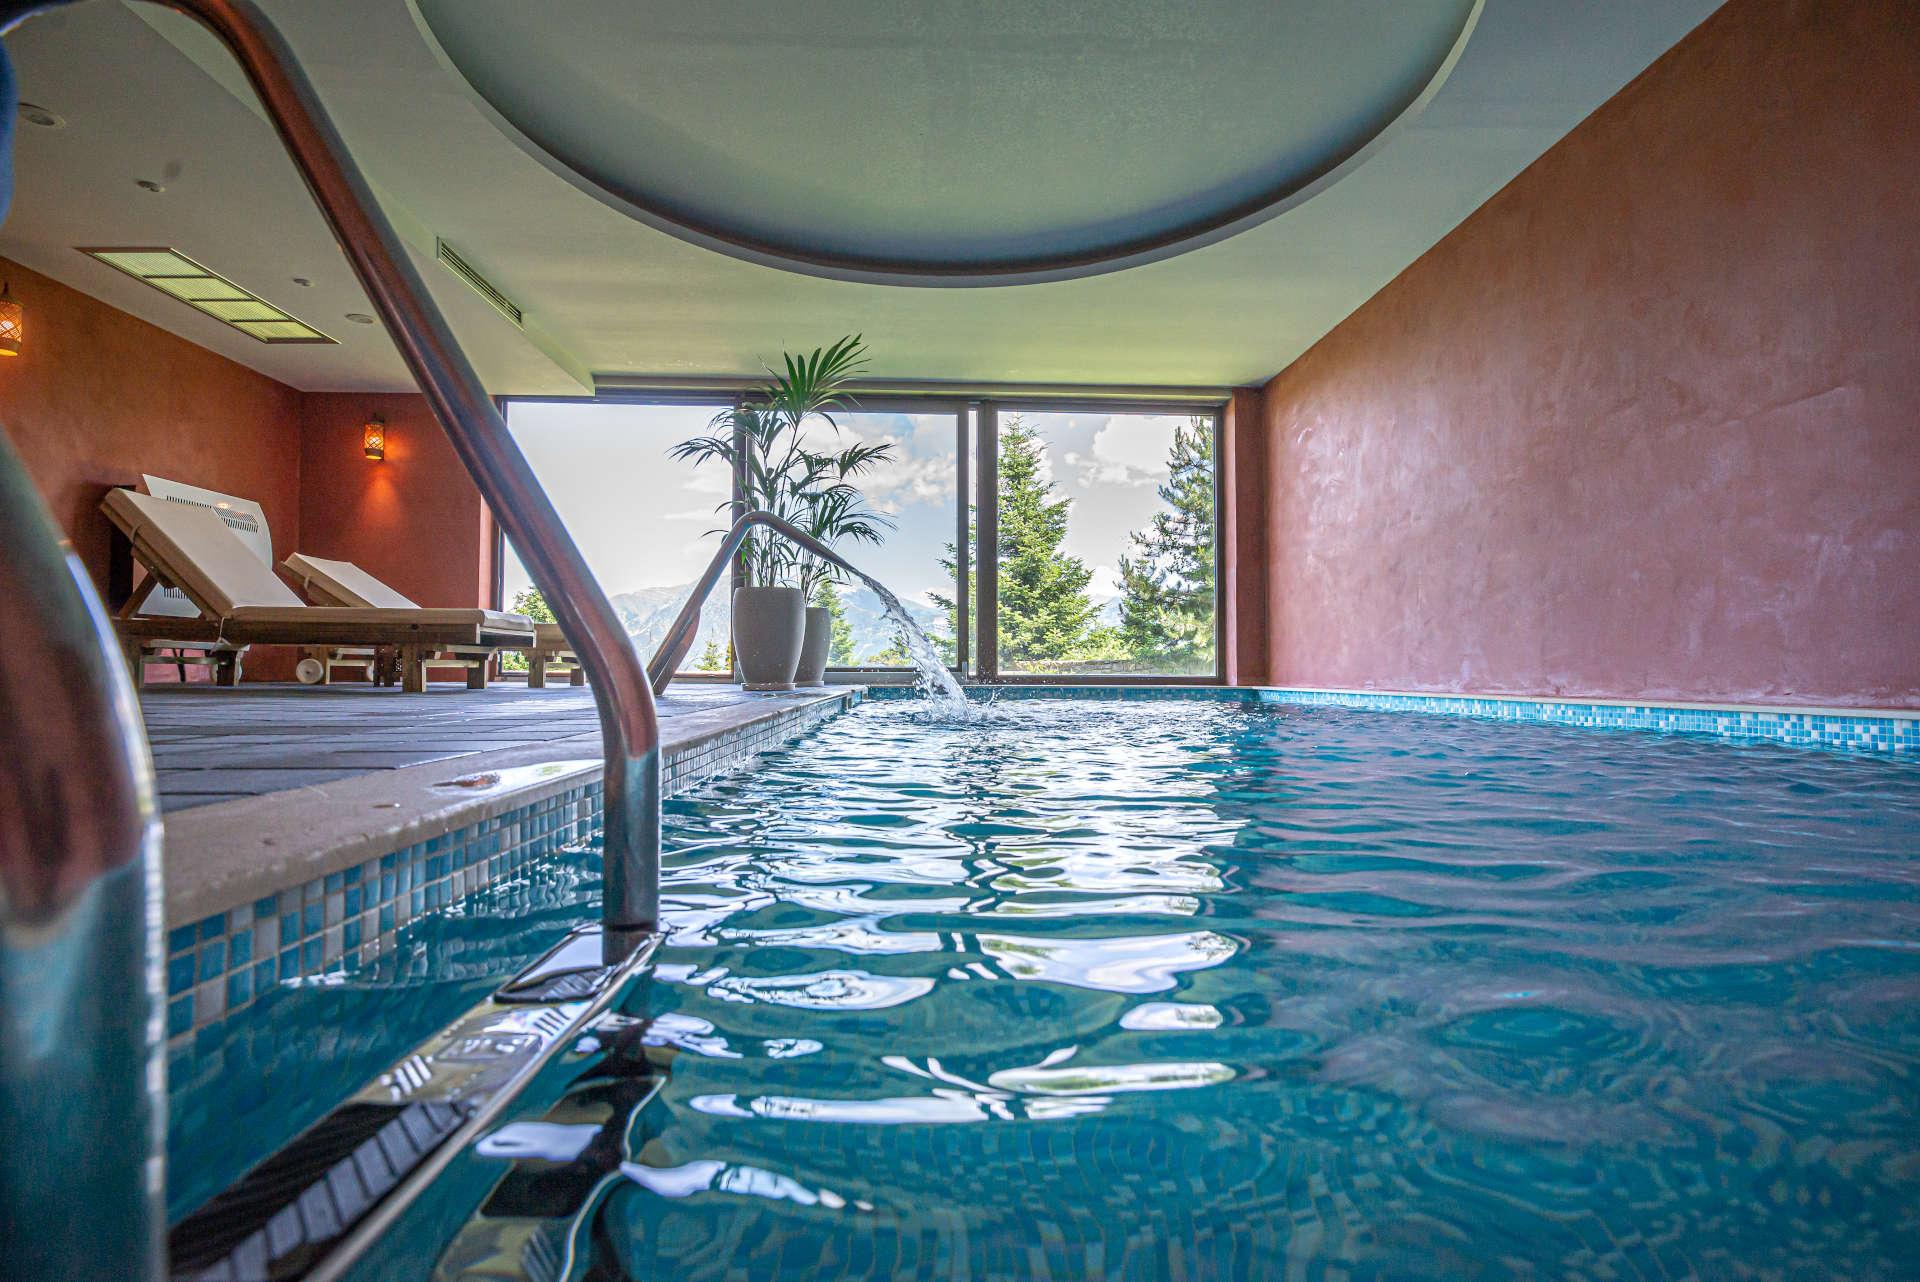 εσωτερική πισίνα με θέα τα Τζουμέρκα